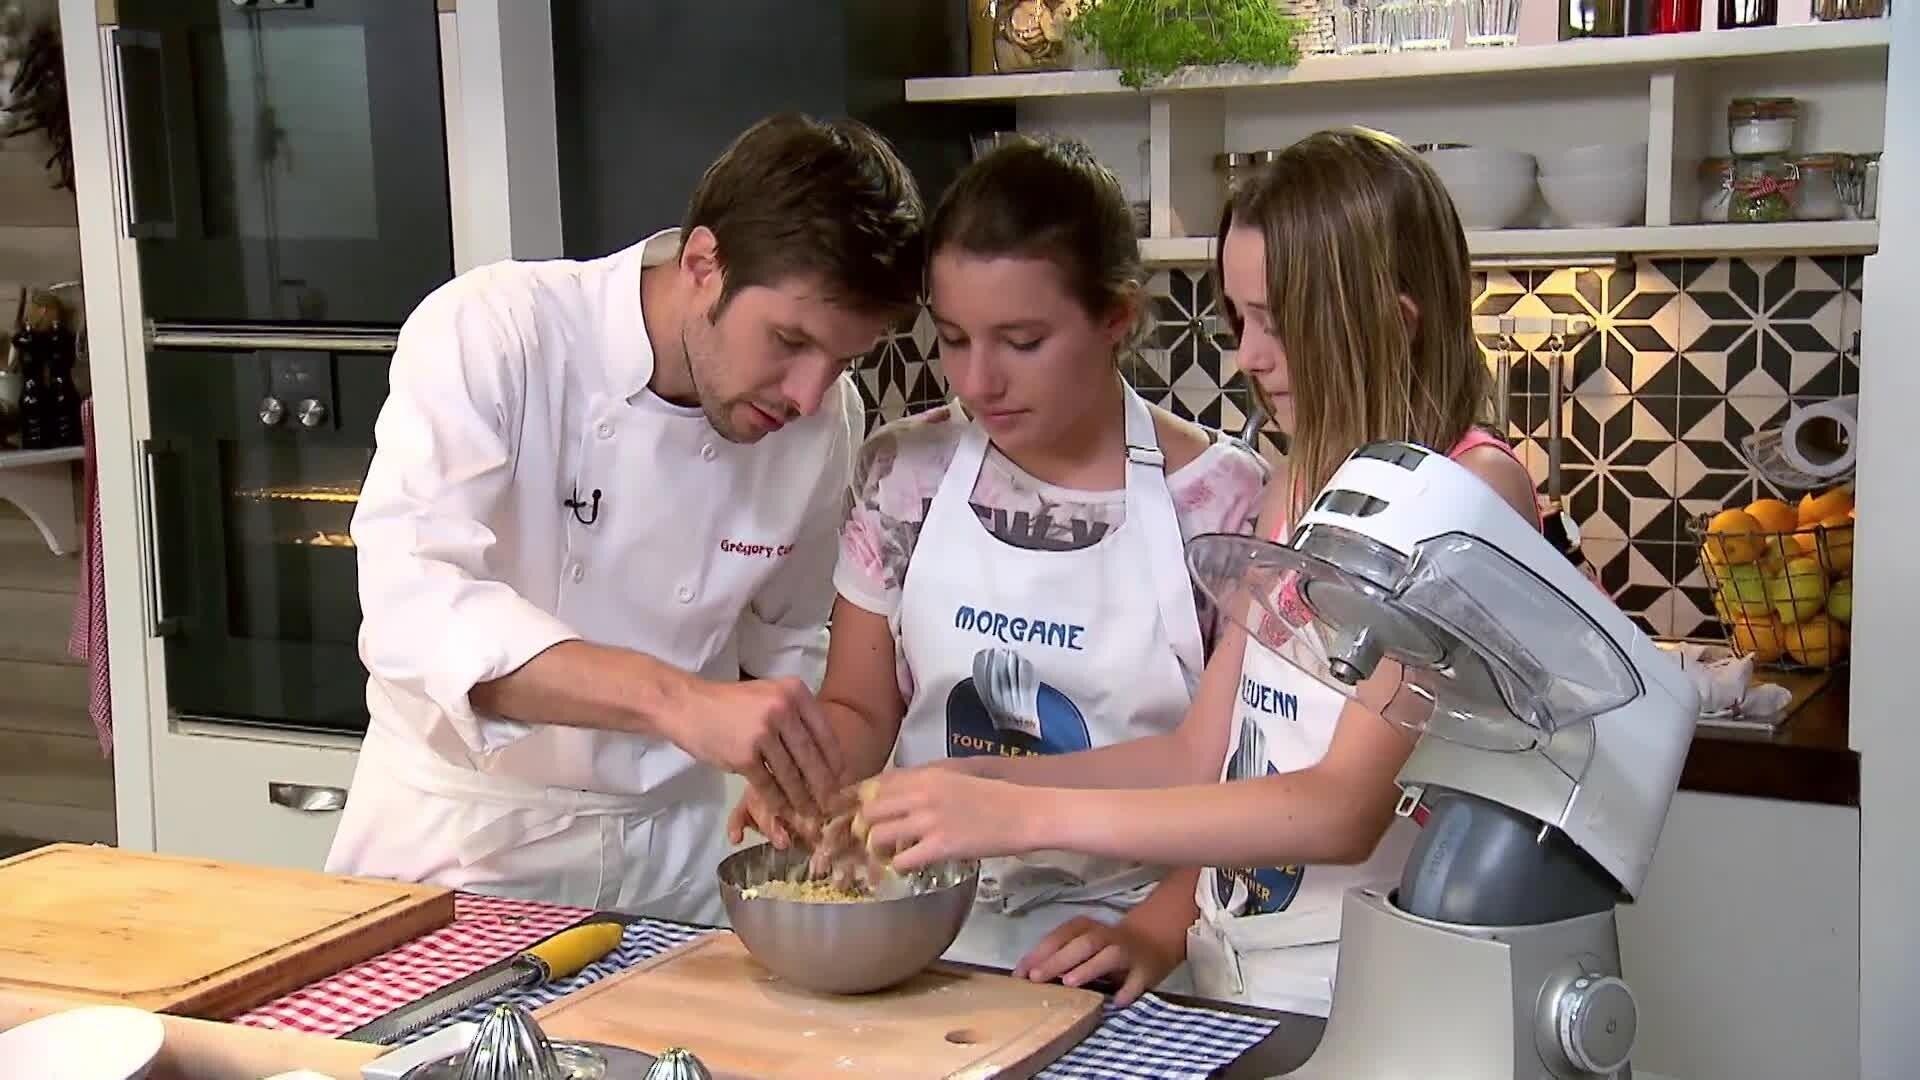 La tarte au citron de Morganne et Bleuène - Chez Rémy Tout Le Monde Peut Cuisiner - Partie 2